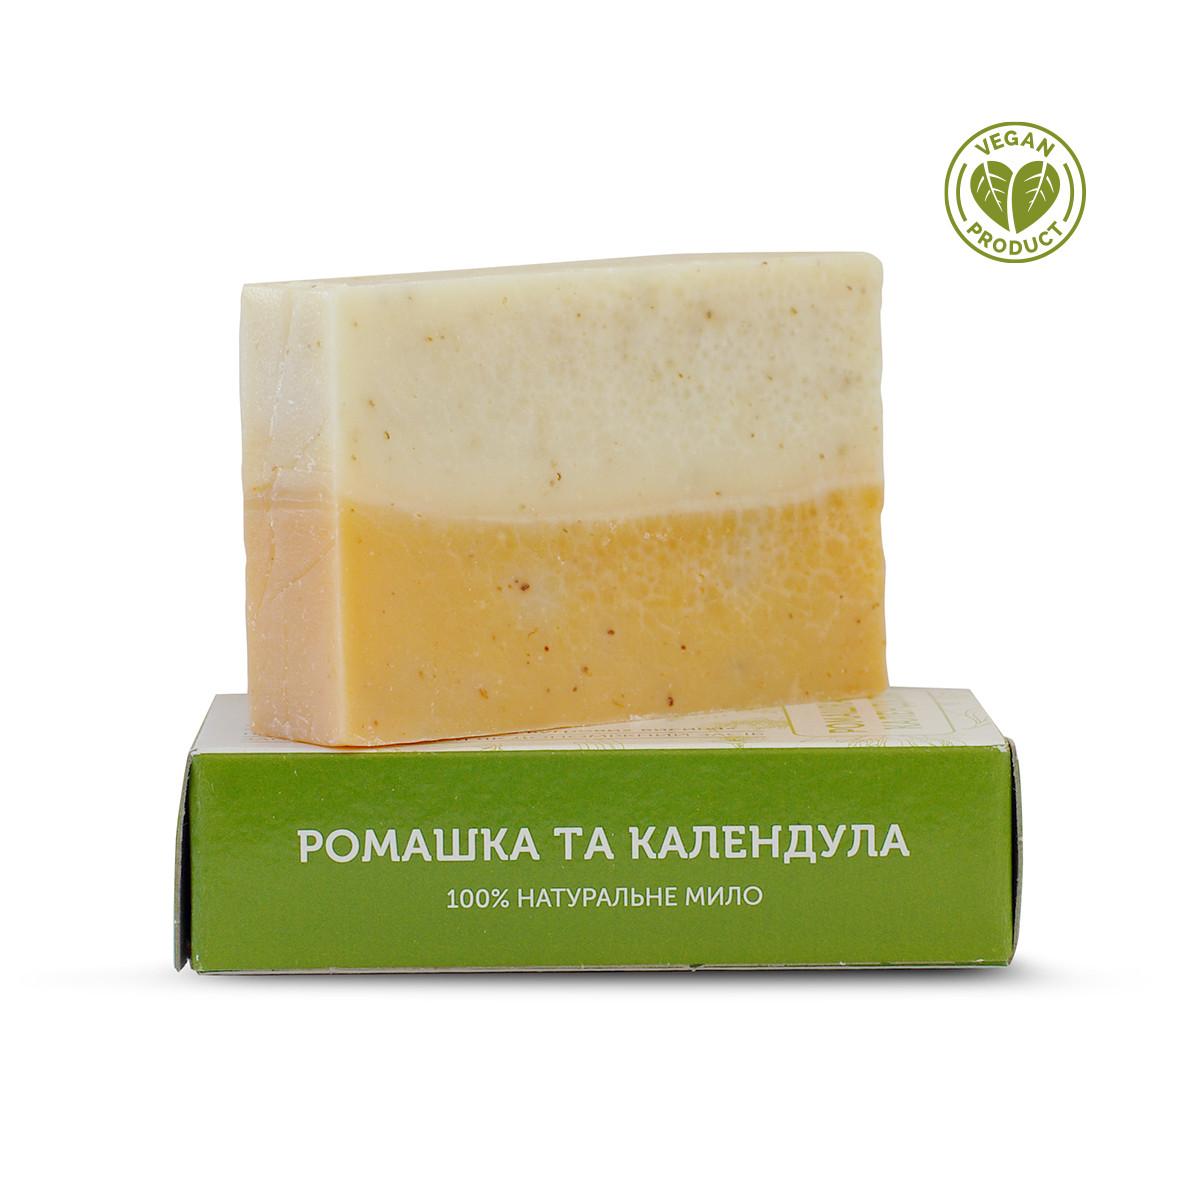 Натуральное мыло Ромашка и календула Яка 75 г